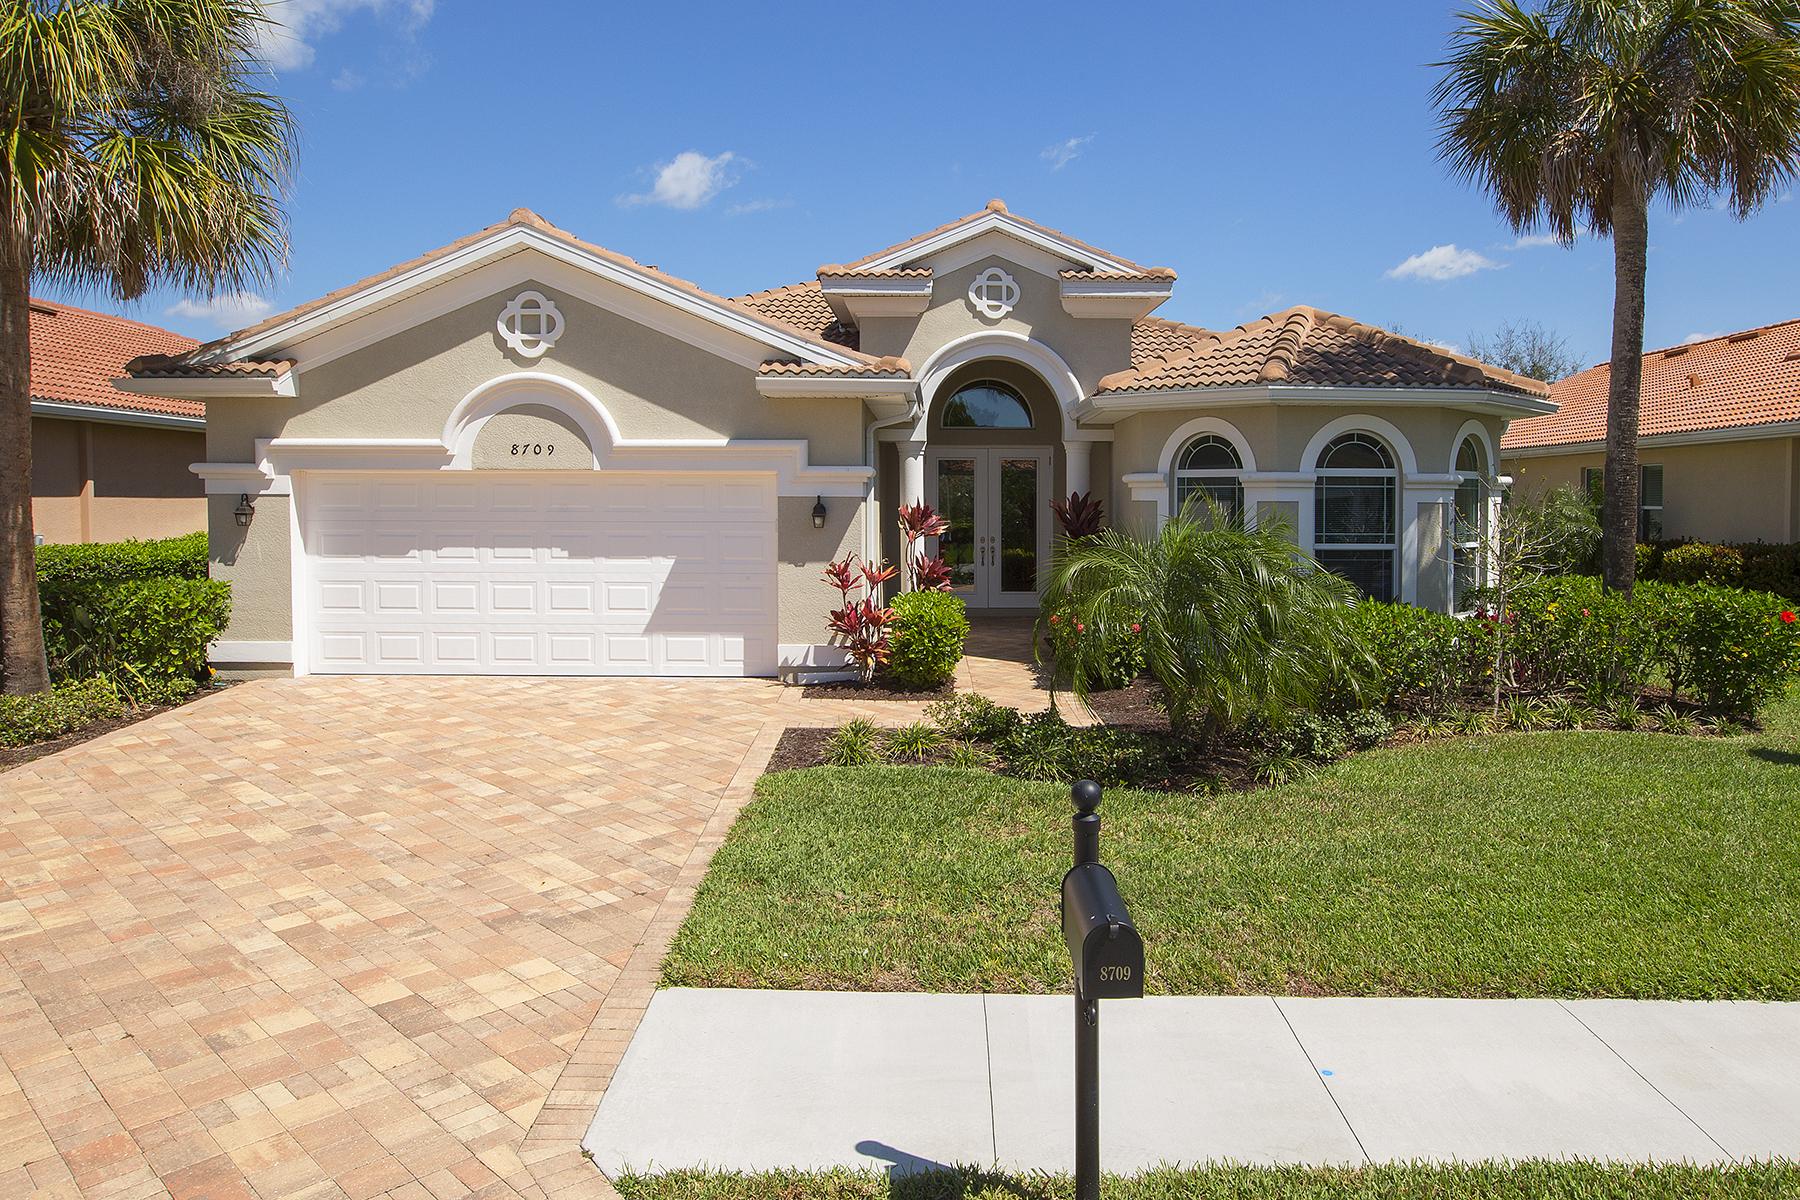 Maison unifamiliale pour l Vente à BELLE LAGO 8709 Largo Mar Dr Estero, Florida, 33967 États-Unis